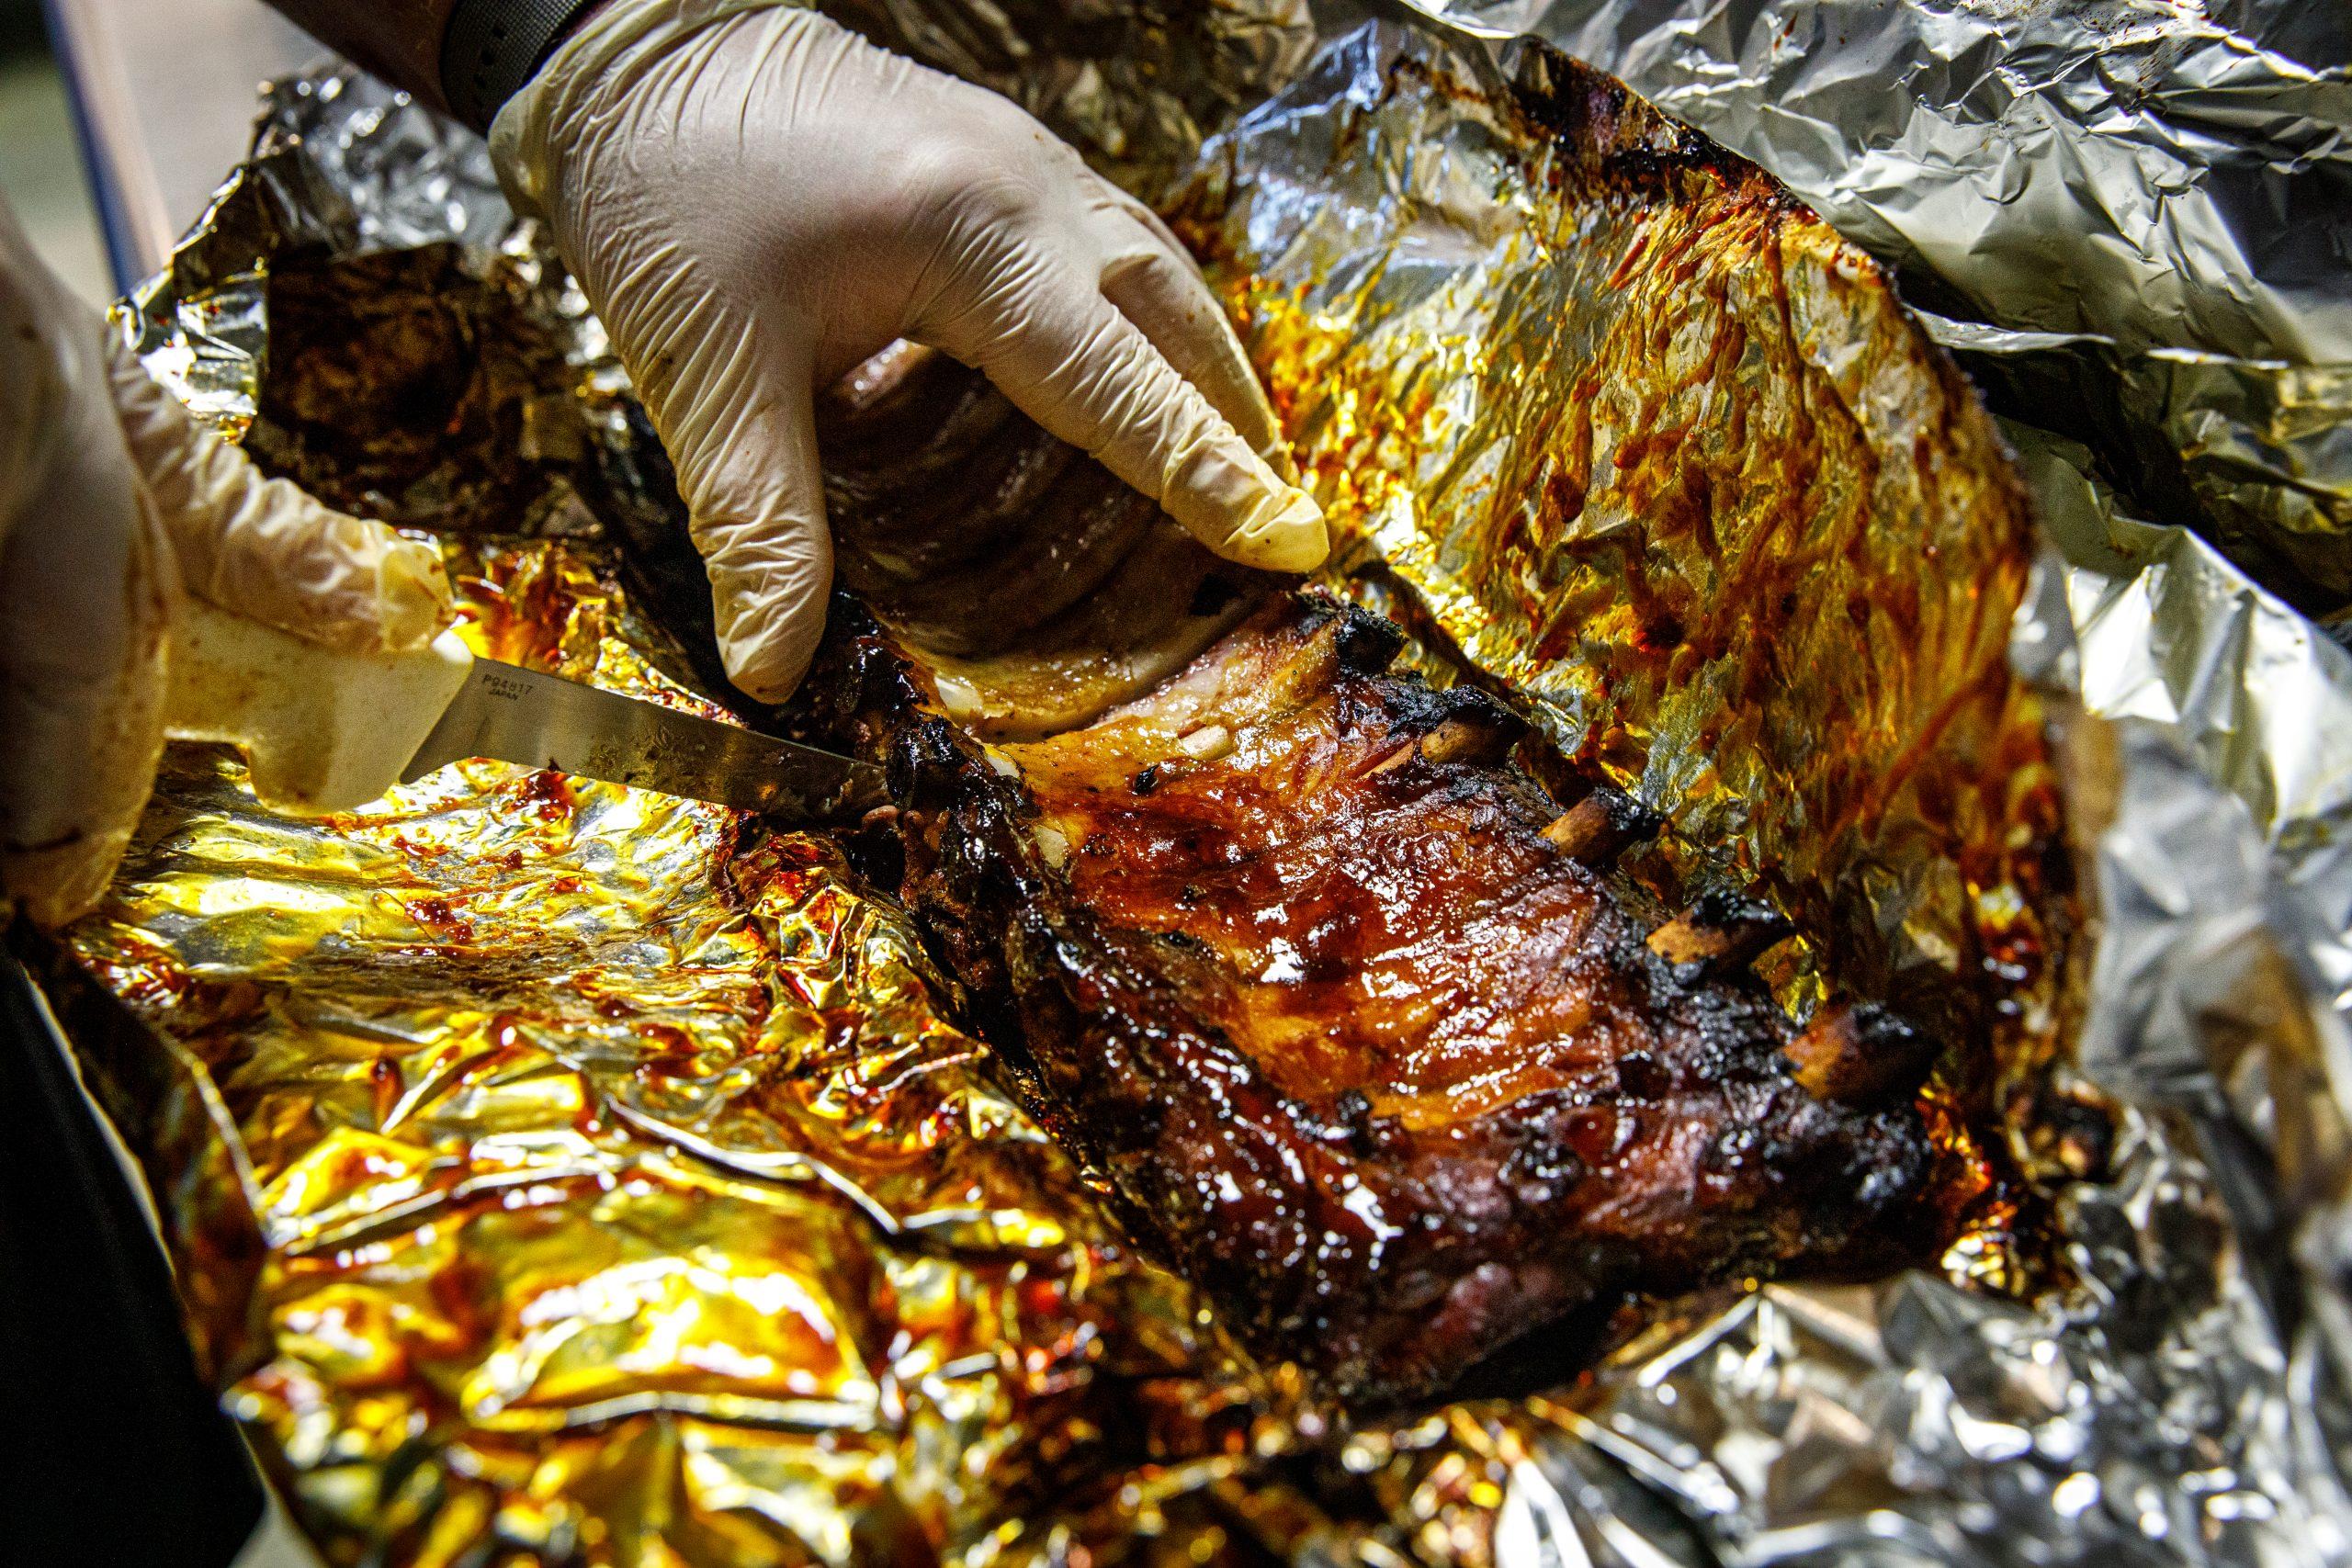 Pig Up & Go BBQ | Mexico, MO